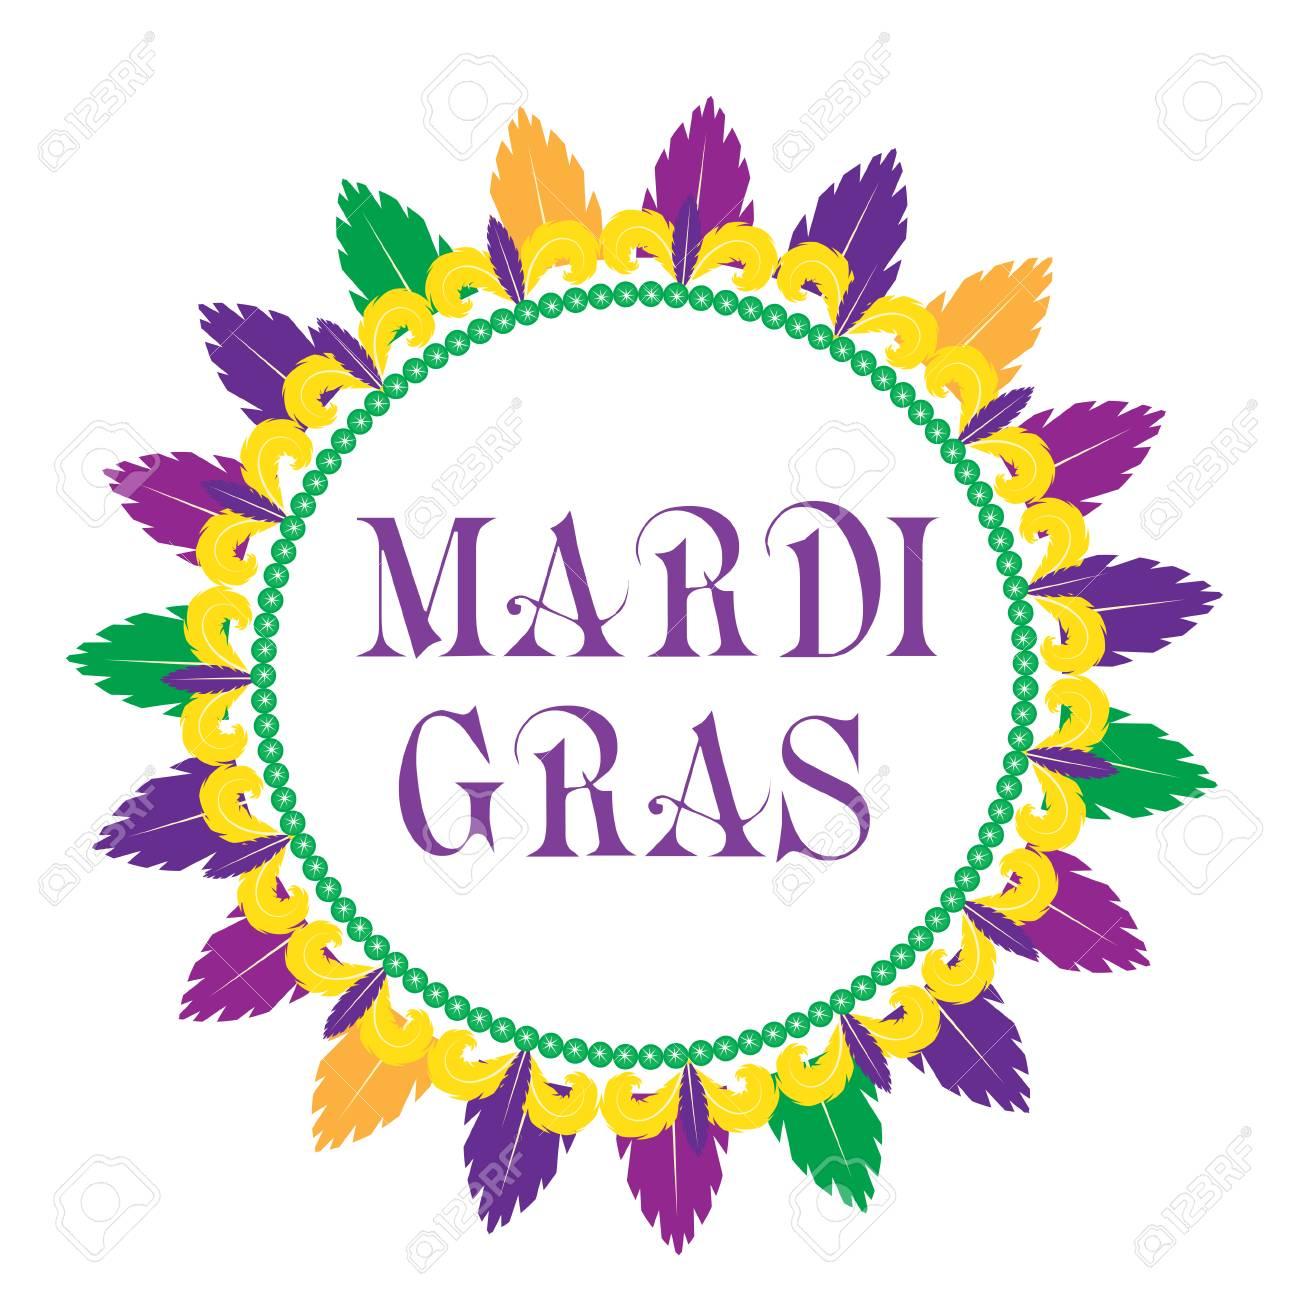 Plantilla De Marco De Mardi Gras Con Espacio Para Texto. Aislado En ...